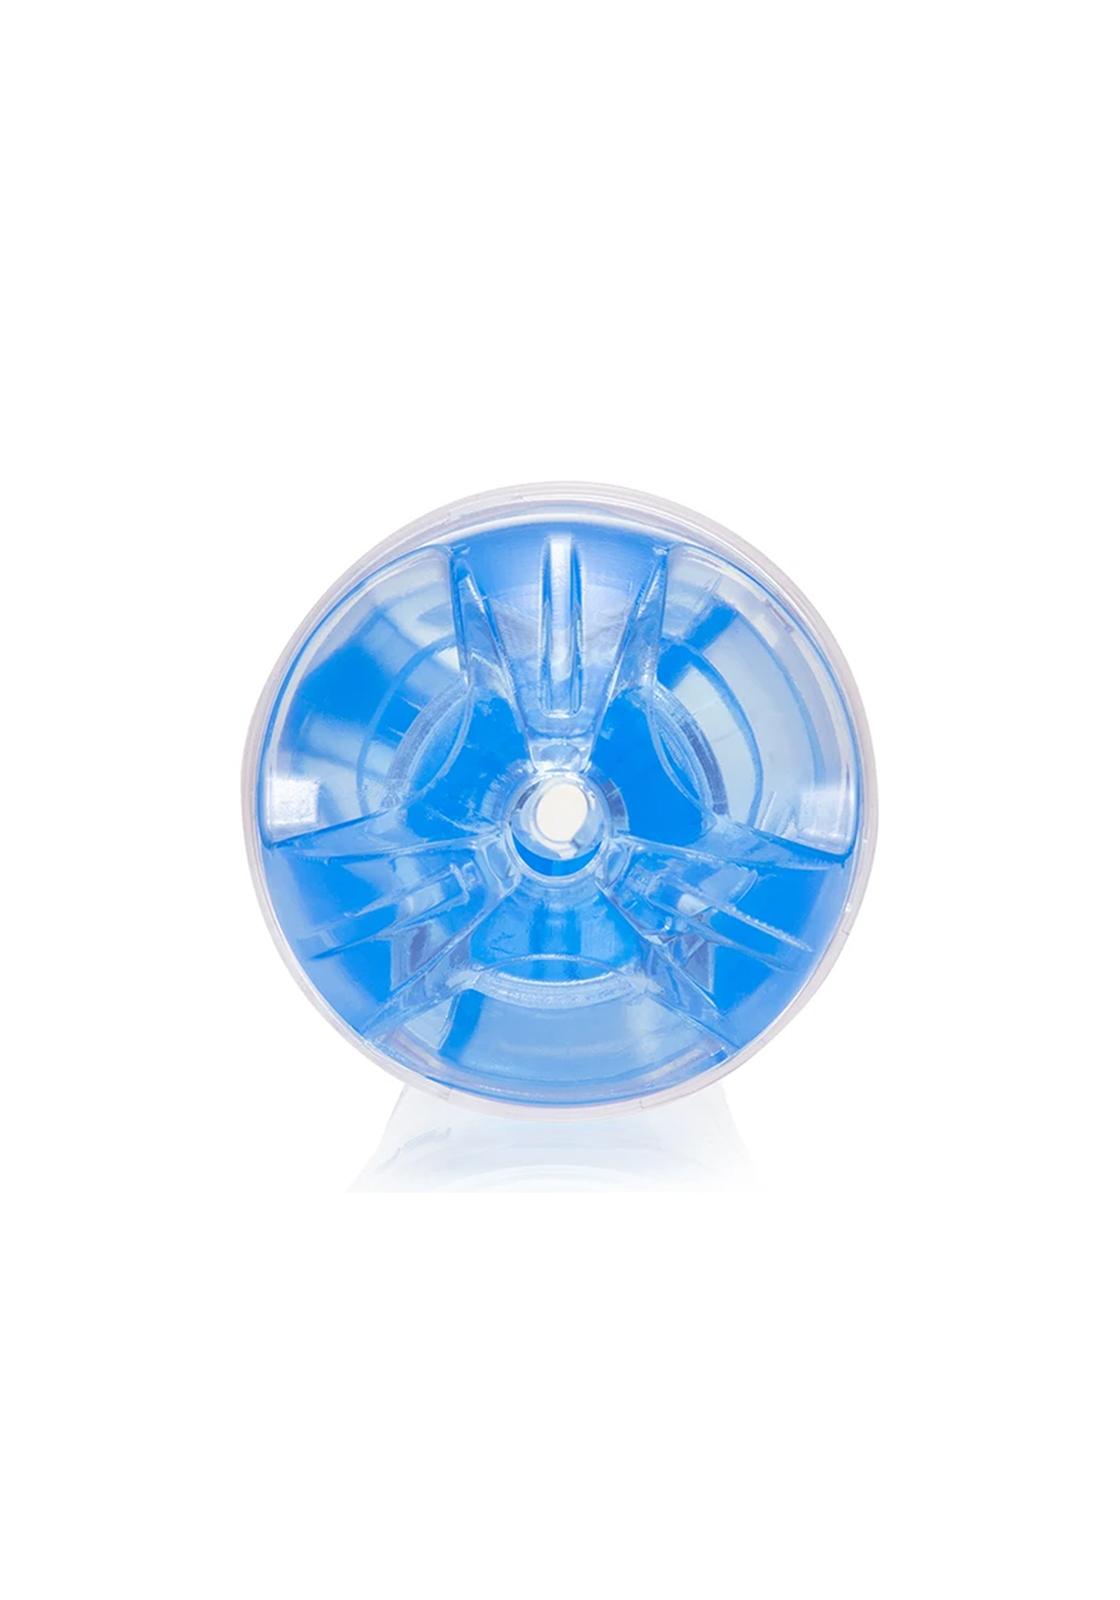 Fleshlight Flight Commander Masturbator (clear blue ice)